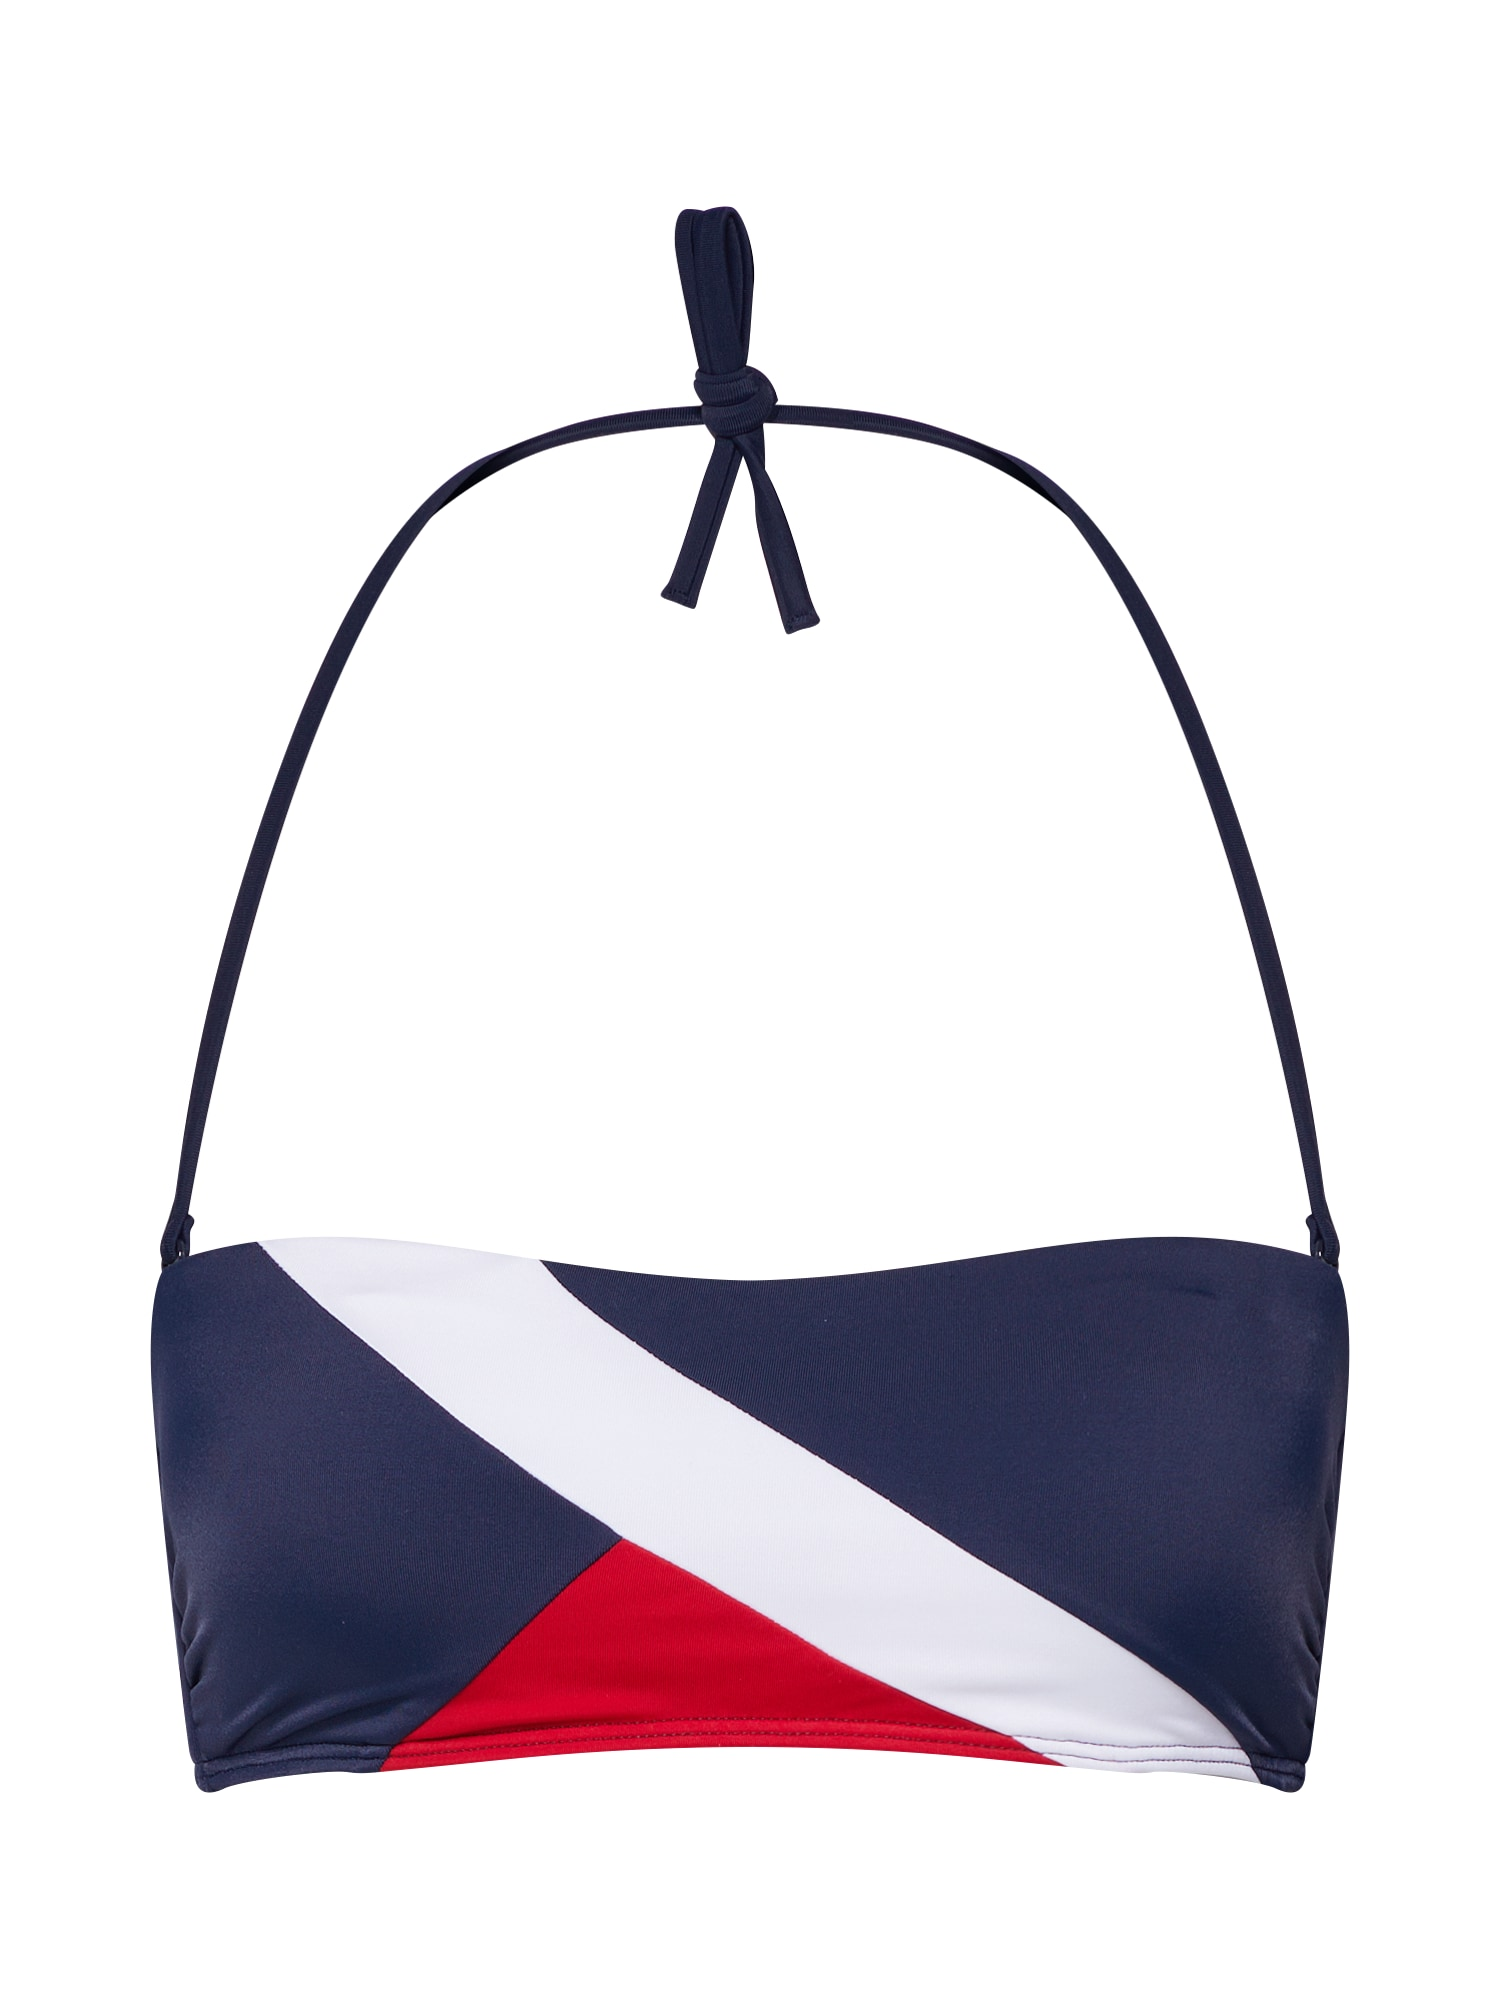 Horní díl plavek BANDEAU námořnická modř červená bílá Tommy Hilfiger Underwear